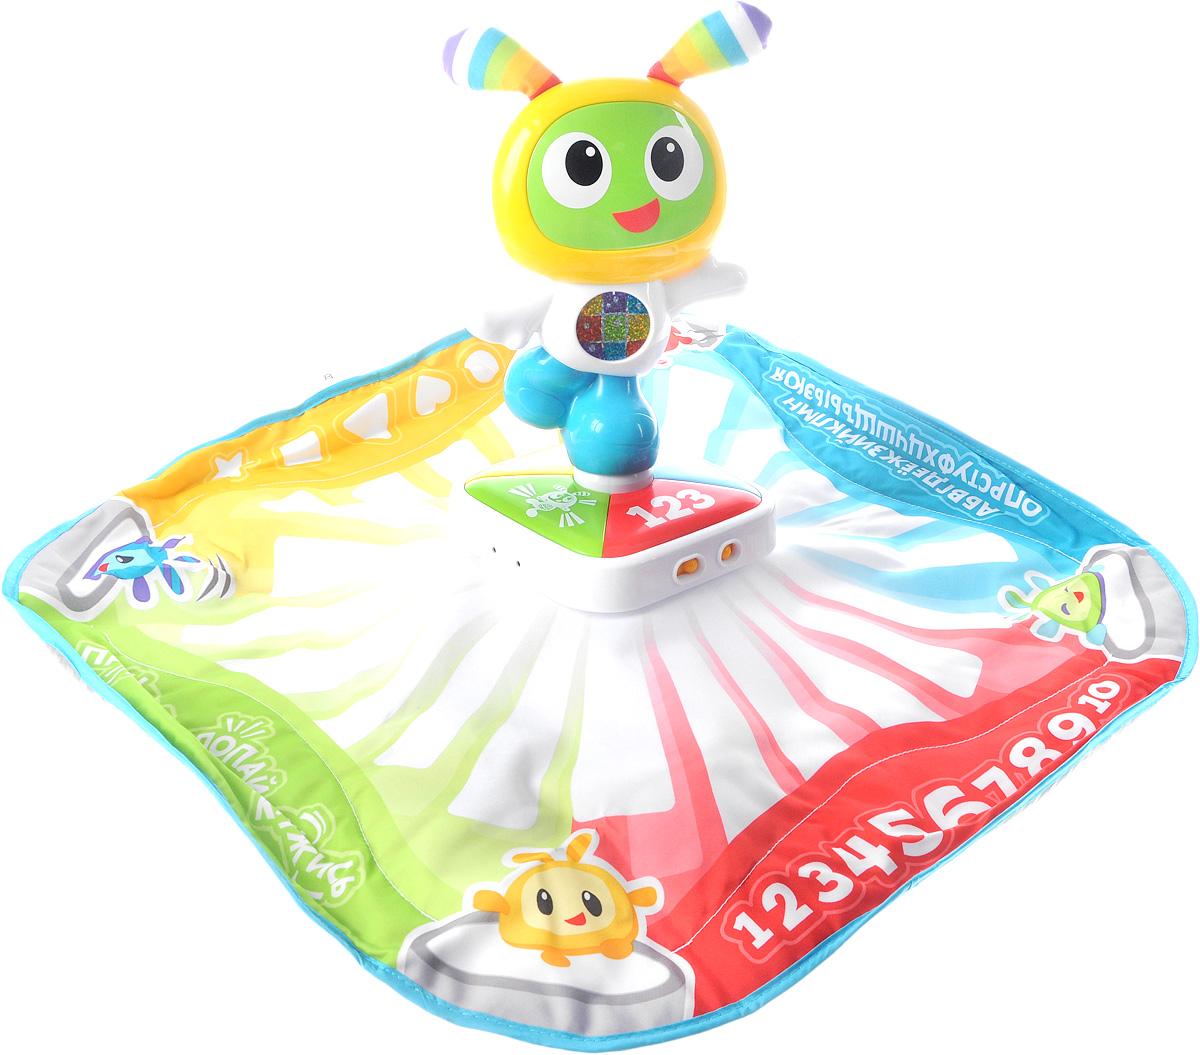 Fisher-Price Развивающий танцевальный коврик Робота Бибо, Mattel